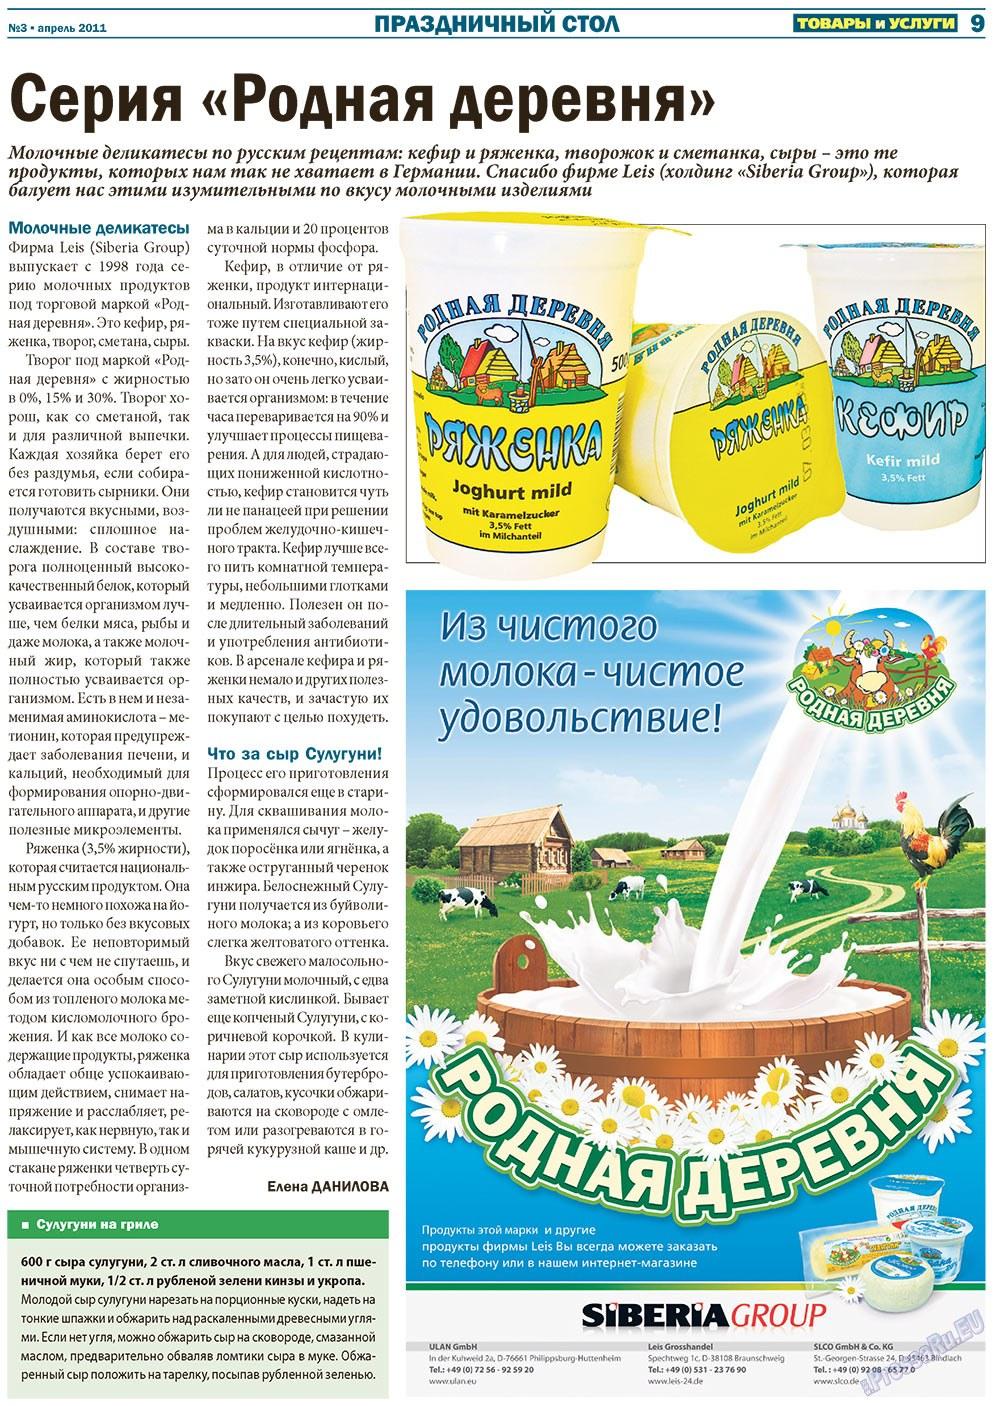 Товары и услуги (газета). 2011 год, номер 3, стр. 9